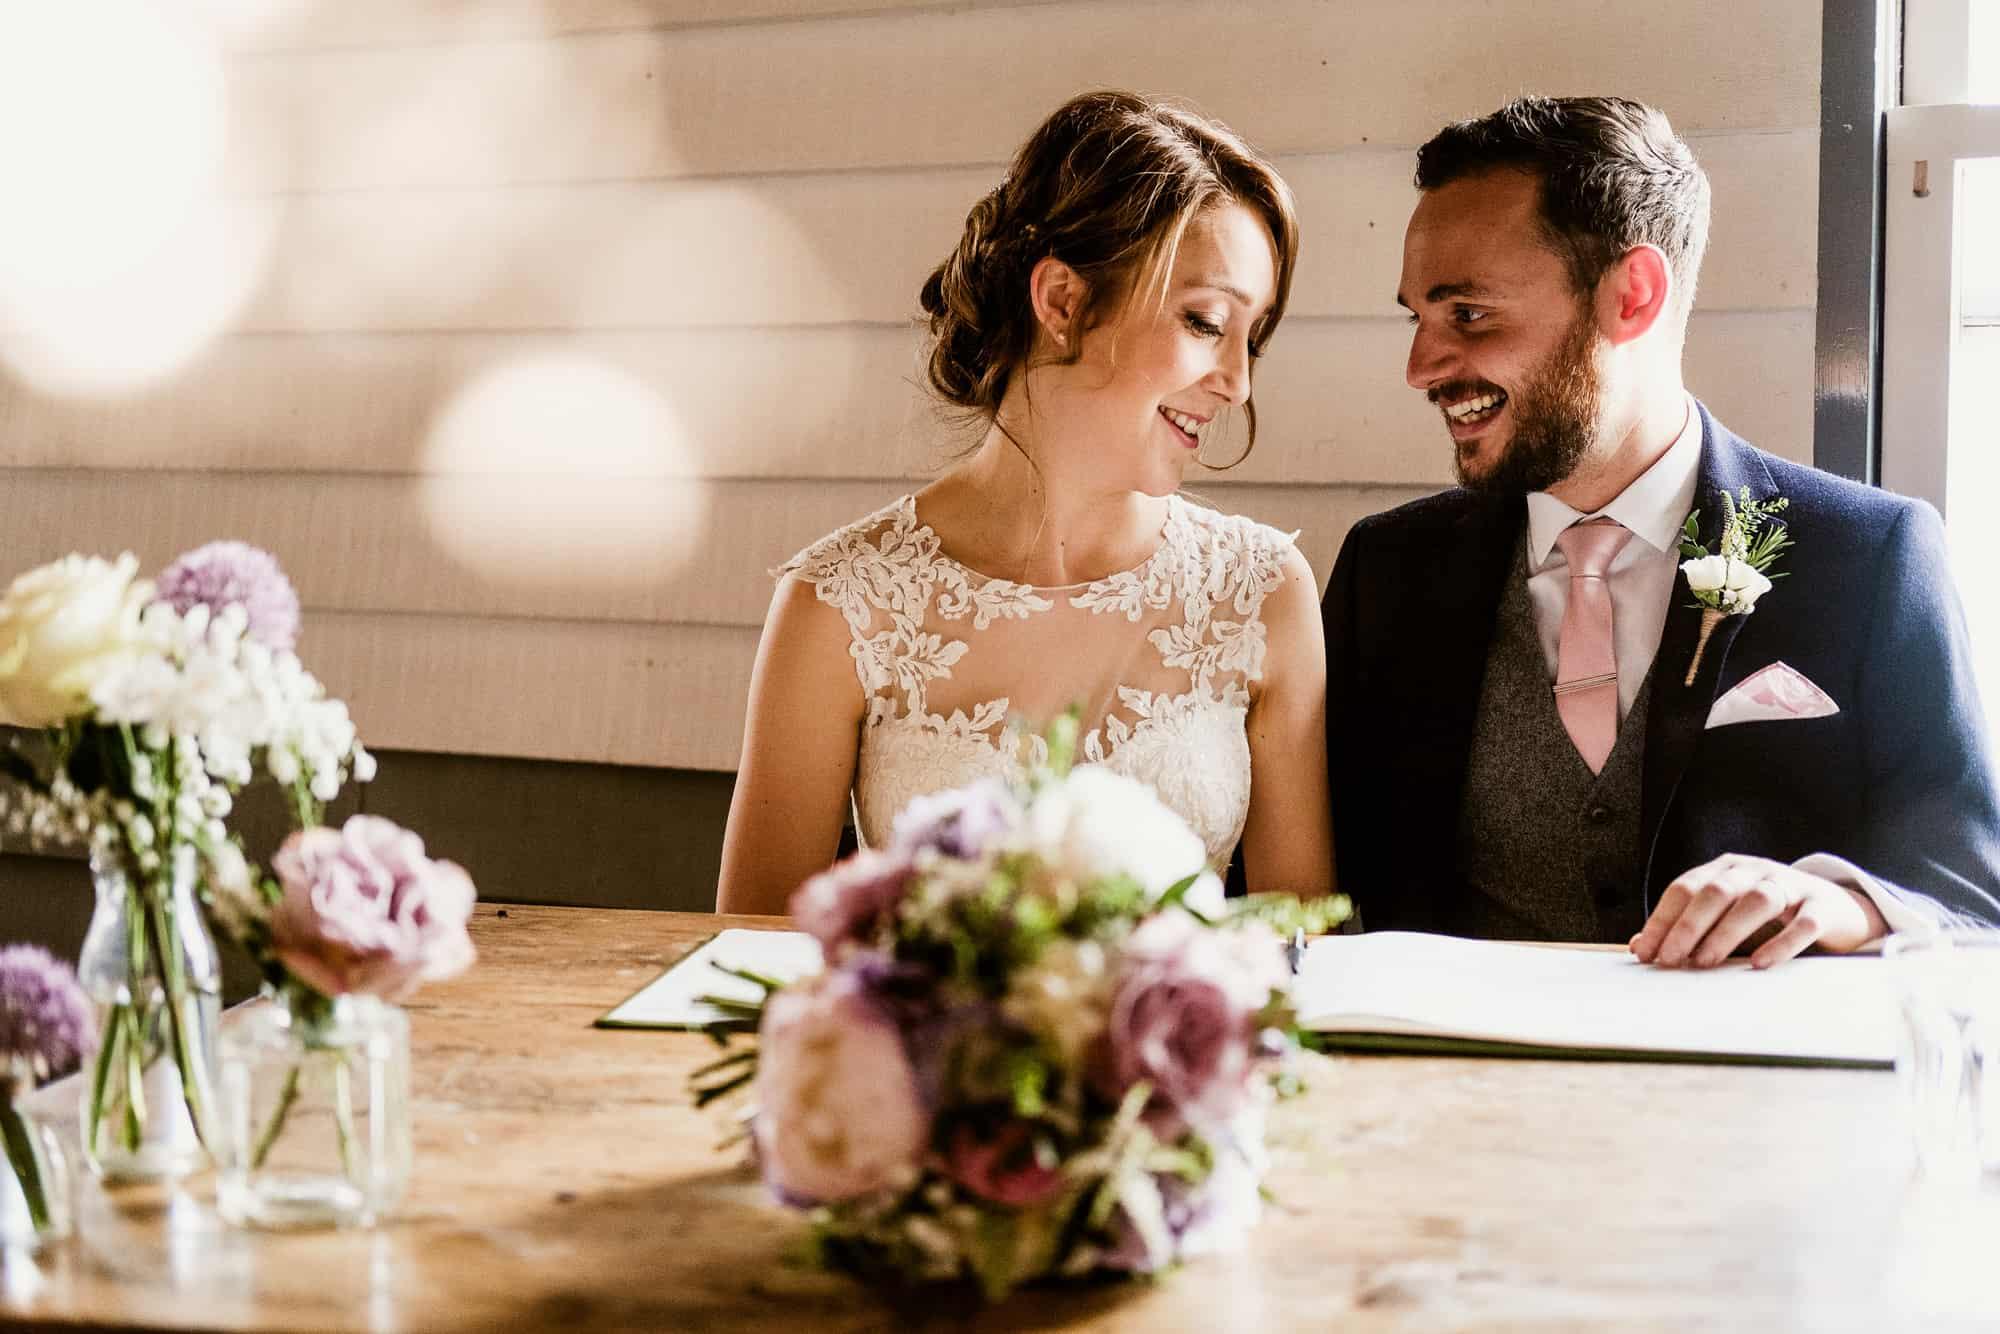 east-quay-wedding-photographer-matt-tyler-0026